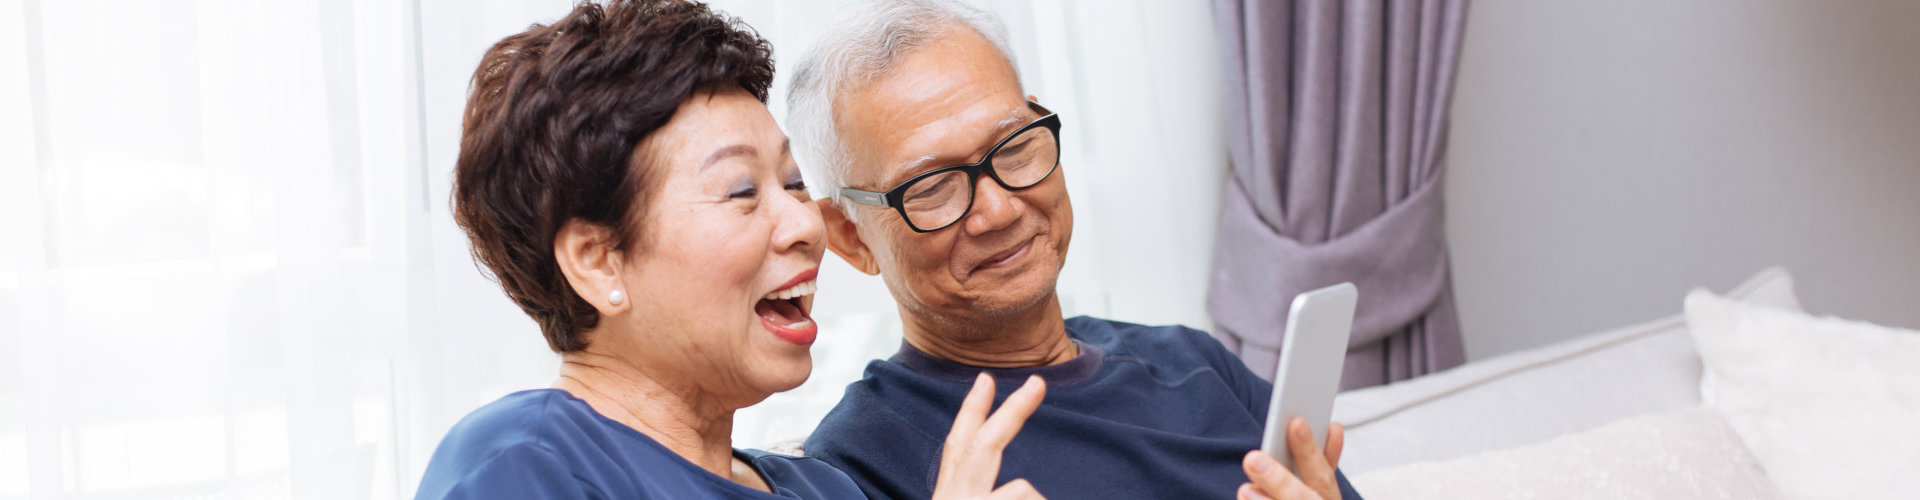 senior man and woman looking at the phone